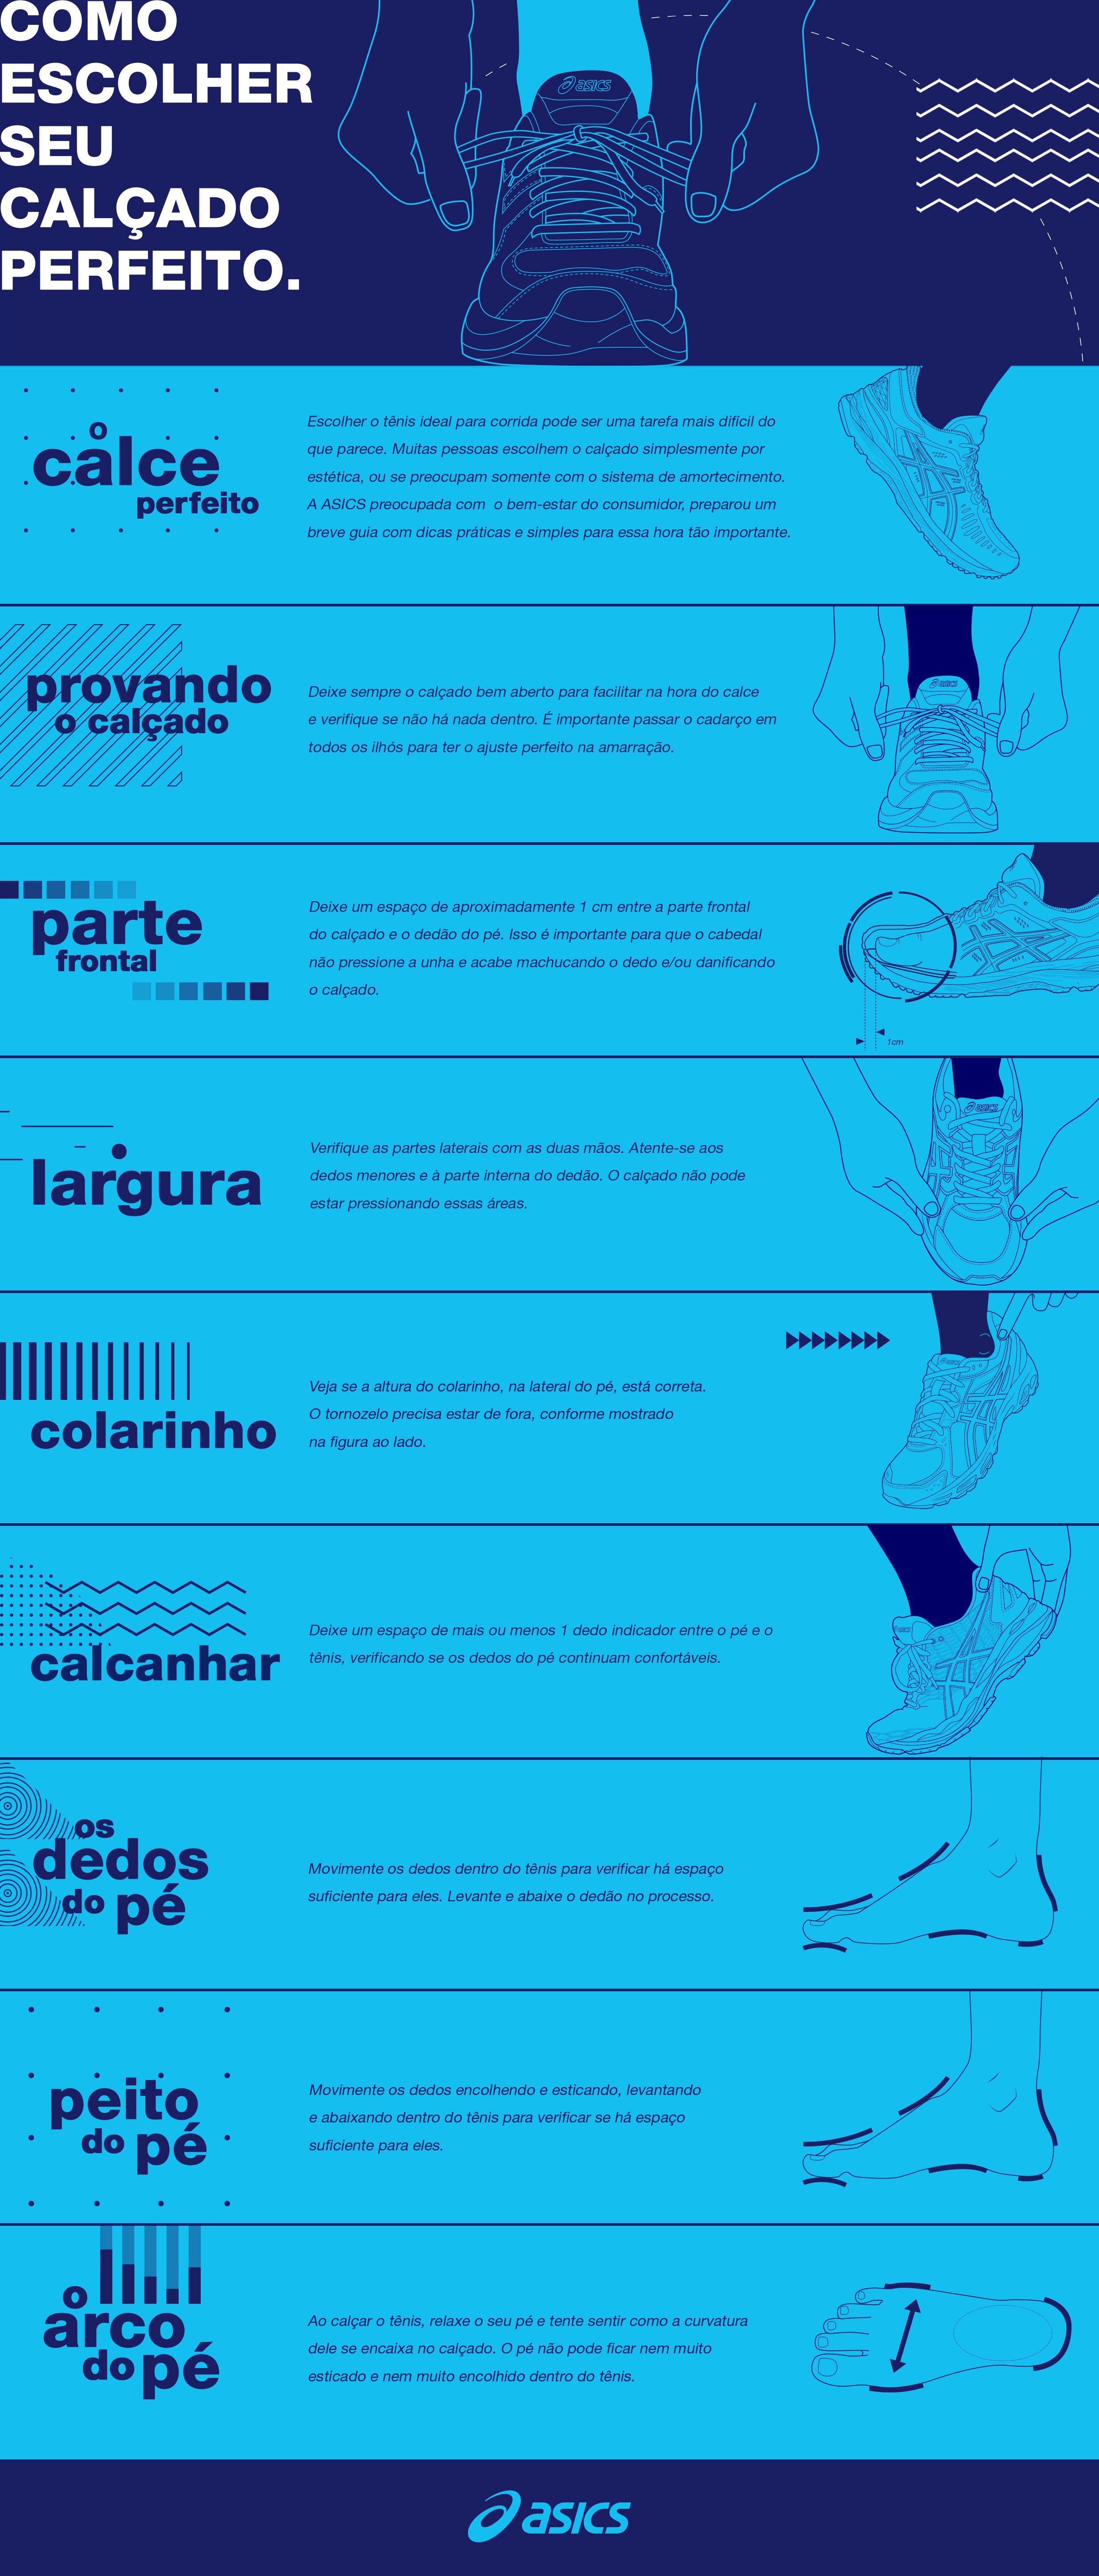 Gobernador Asumir servilleta  Como-escolher-um-calcado – Asics Brasil